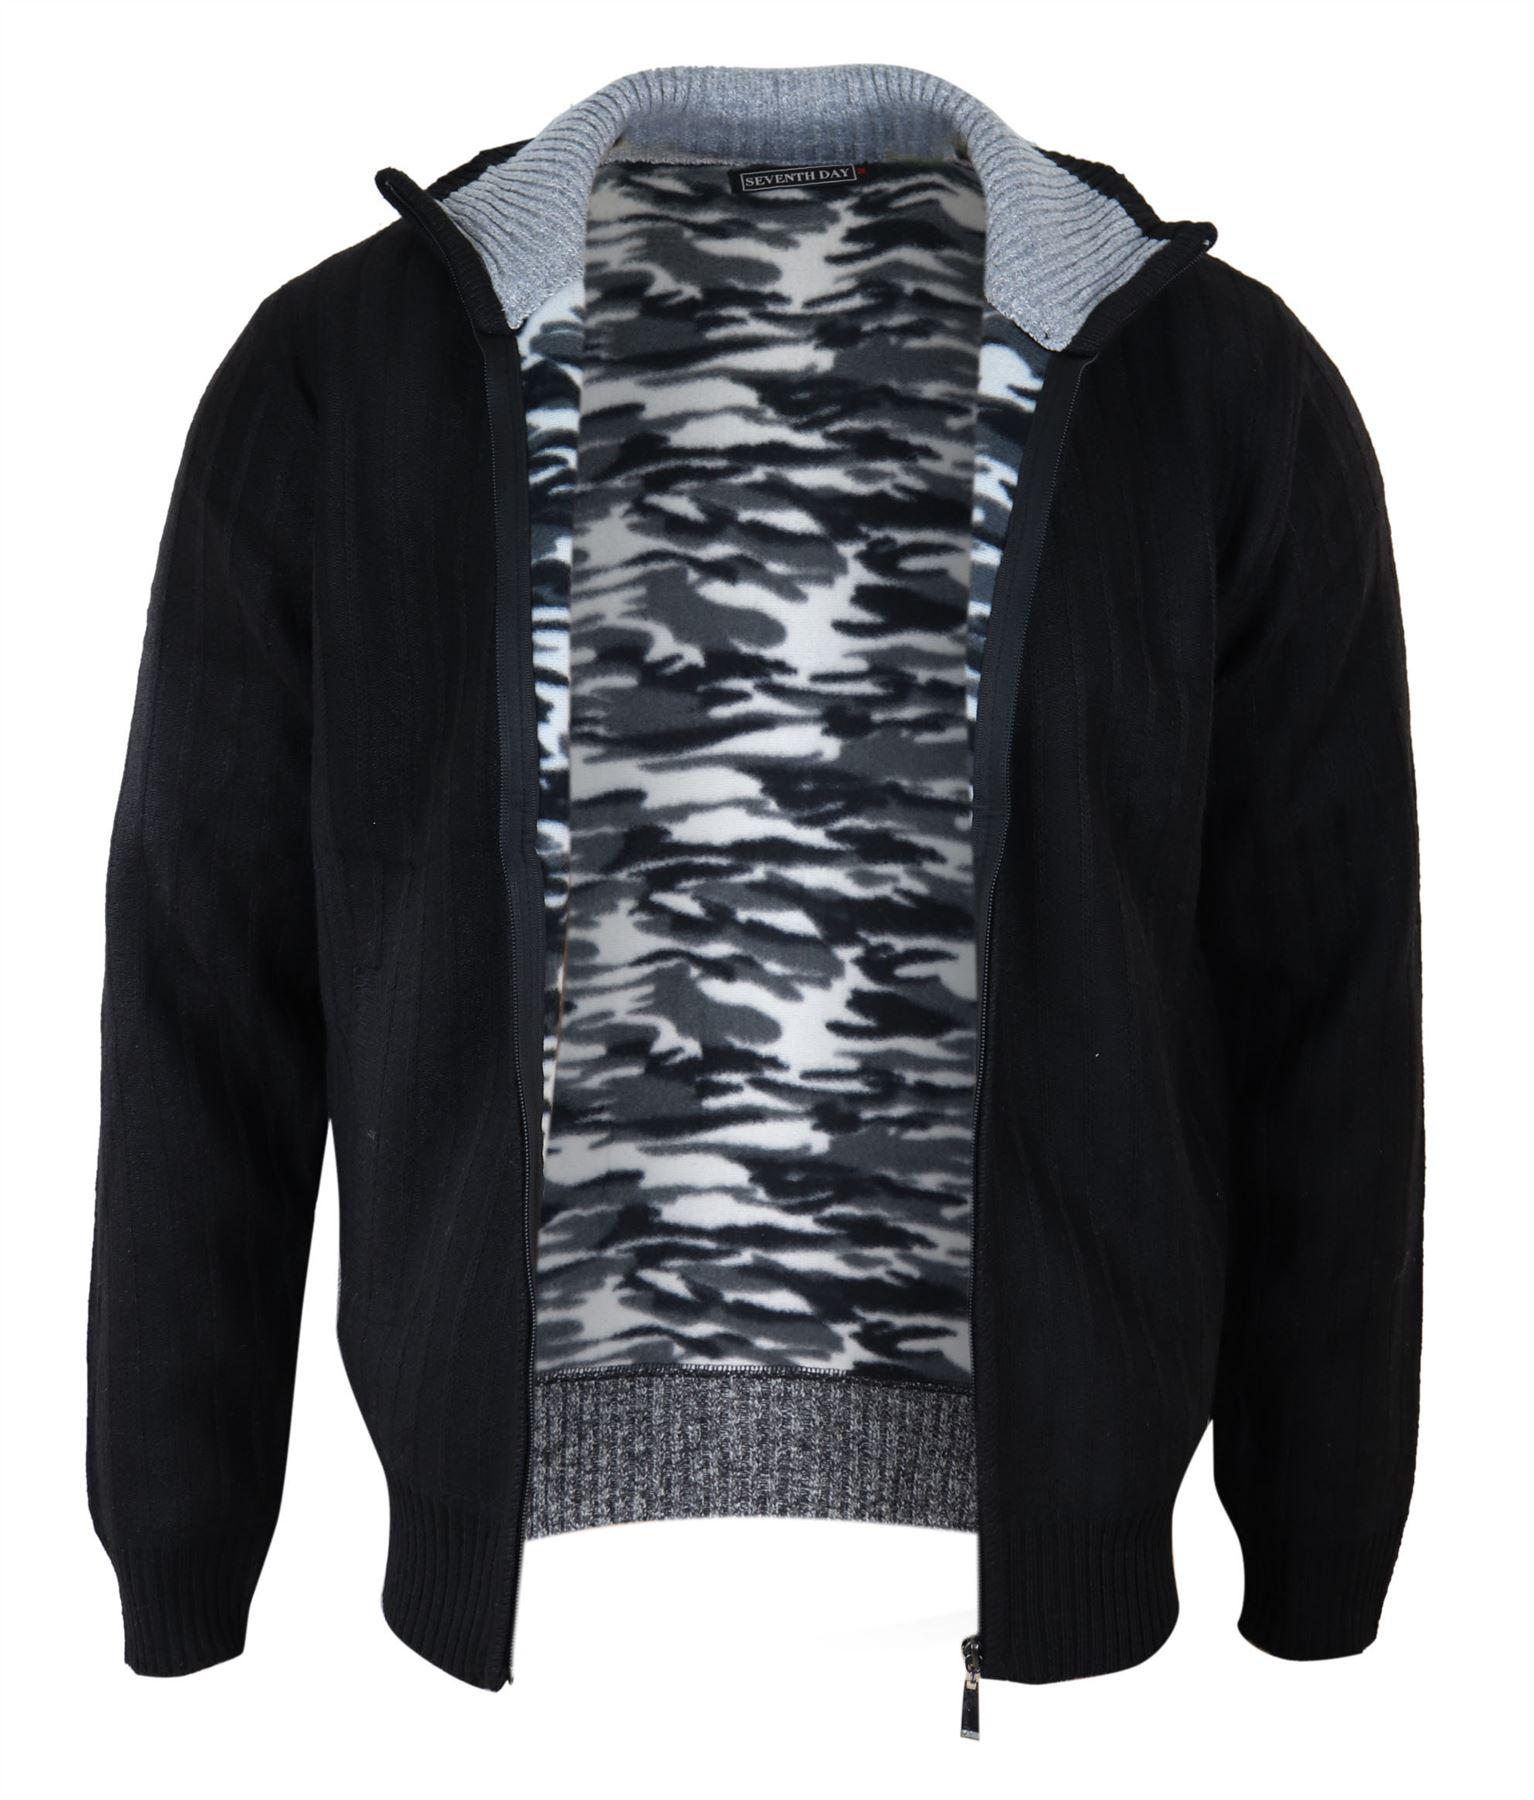 Cardigan da uomo zip completa maglione lavorato a maglia Wooly Caldo Foderato in Pile Polare Smart Casual